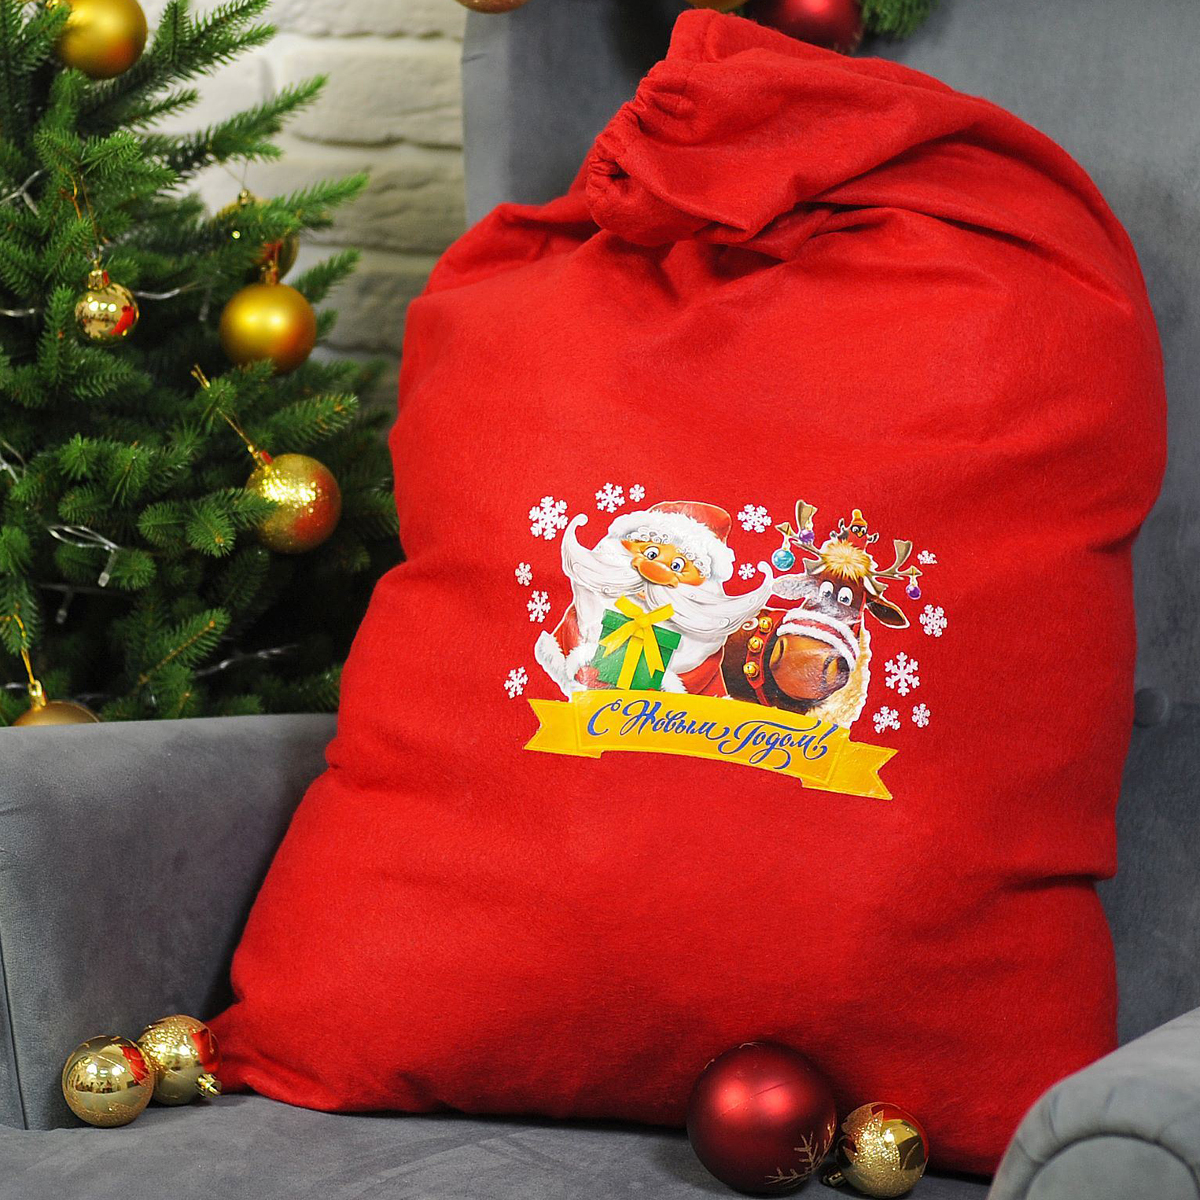 Упаковка подарочная Страна Карнавалия Мешок Деда Мороза. С новым годом. Дед мороз и олень, цвет: красный, 60 х 90 см2226422Подарочная упаковка Страна Карнавалия Мешок Деда Мороза. С новым годом. Дед мороз и олень превратит любое торжество в настоящий яркий и веселый карнавал полный сюрпризов и смеха. Яркий красный аксессуар, с изображением Деда Мороза и оленя, дополнит любой праздничный наряд, и все близкие будут рады получить из рук краснощекого персонажа заслуженный подарок!Размер: 60 х 90 см.